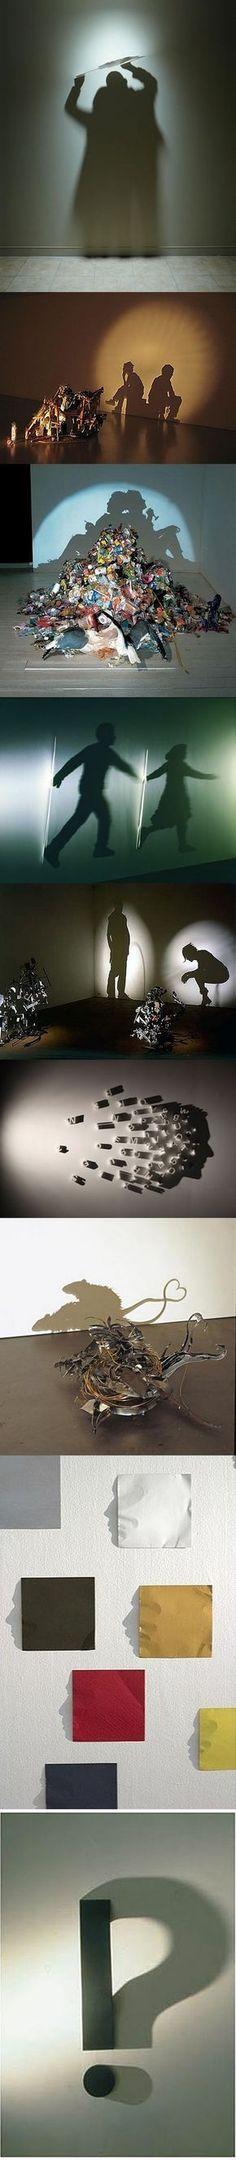 Un traitement des ombres saisissant (surtout l'image des carrés de couleurs qui forment des visages !)